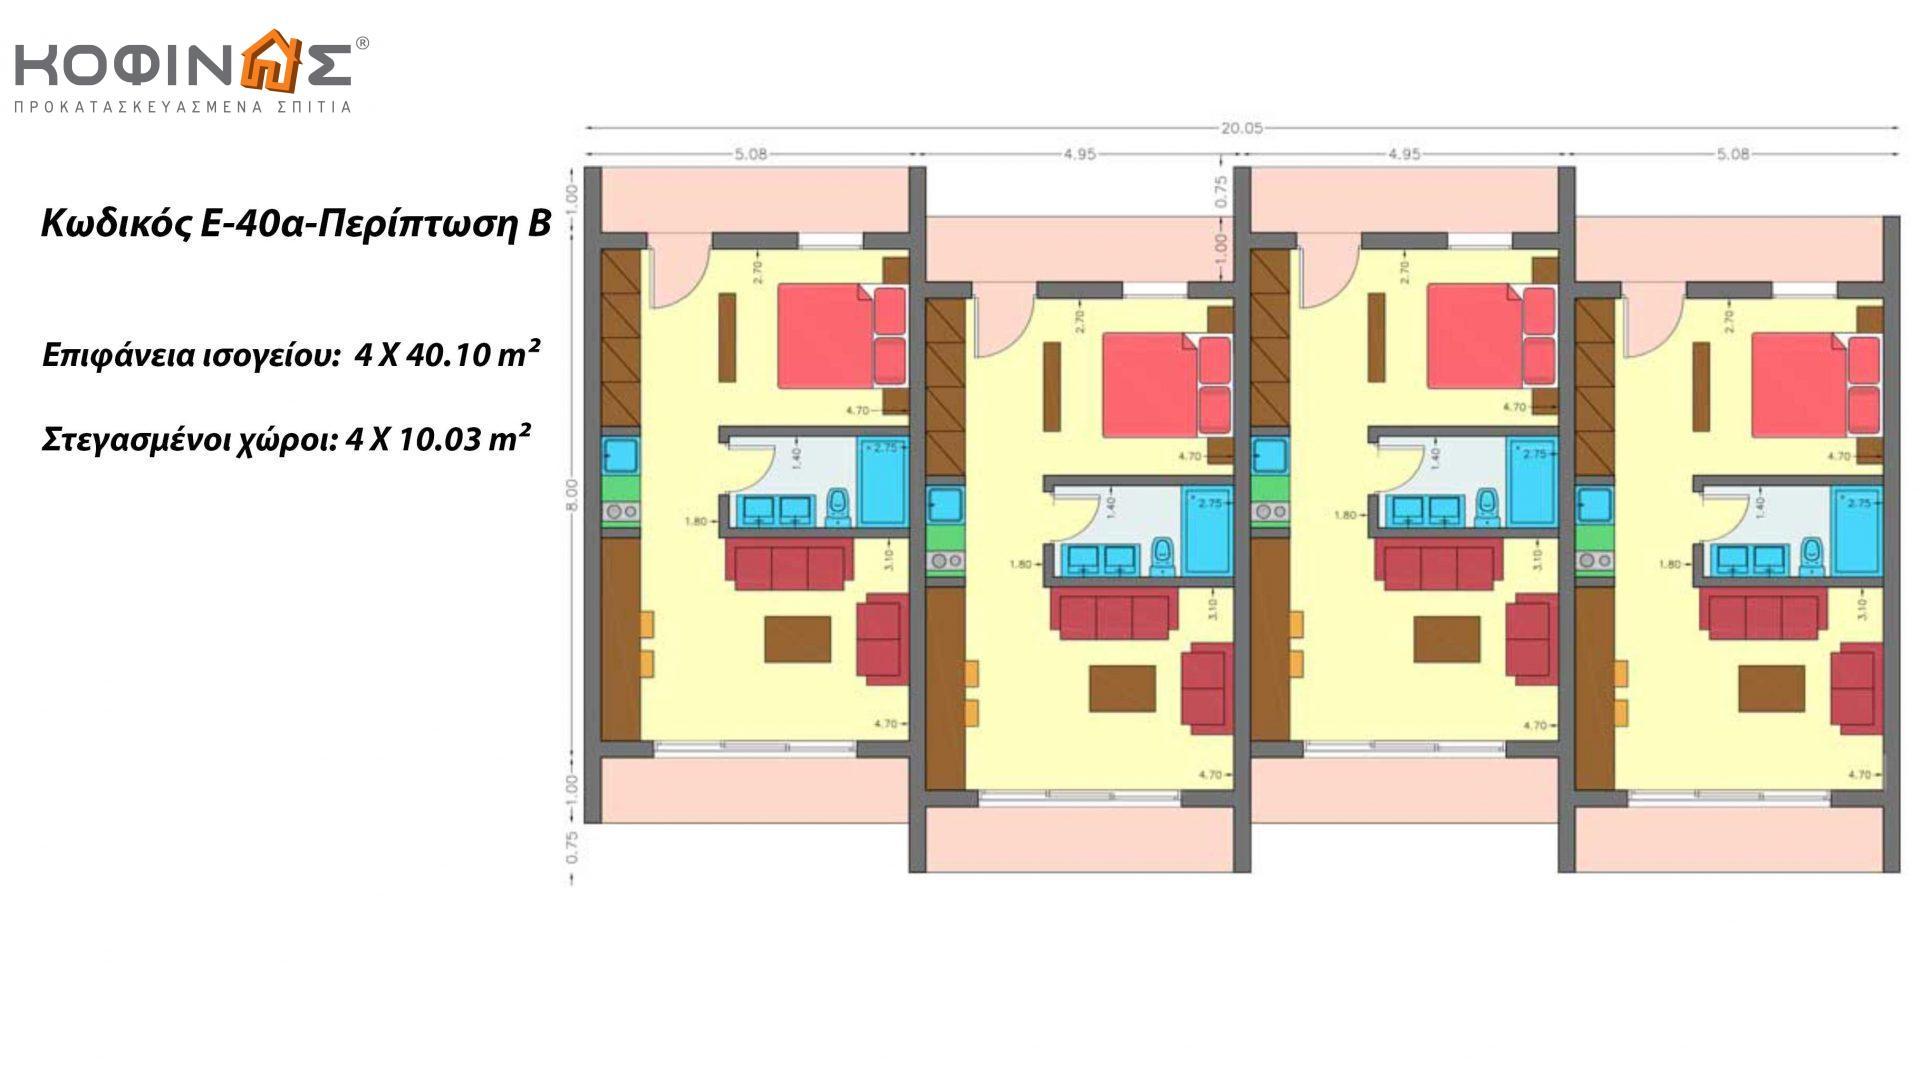 Συγκρότημα Κατοικιών E-40a, συνολικής επιφάνειας 4 x 40,10 = 160,40 τ.μ. , συνολική επιφάνεια στεγασμένων χώρων 10.03 τ.μ.